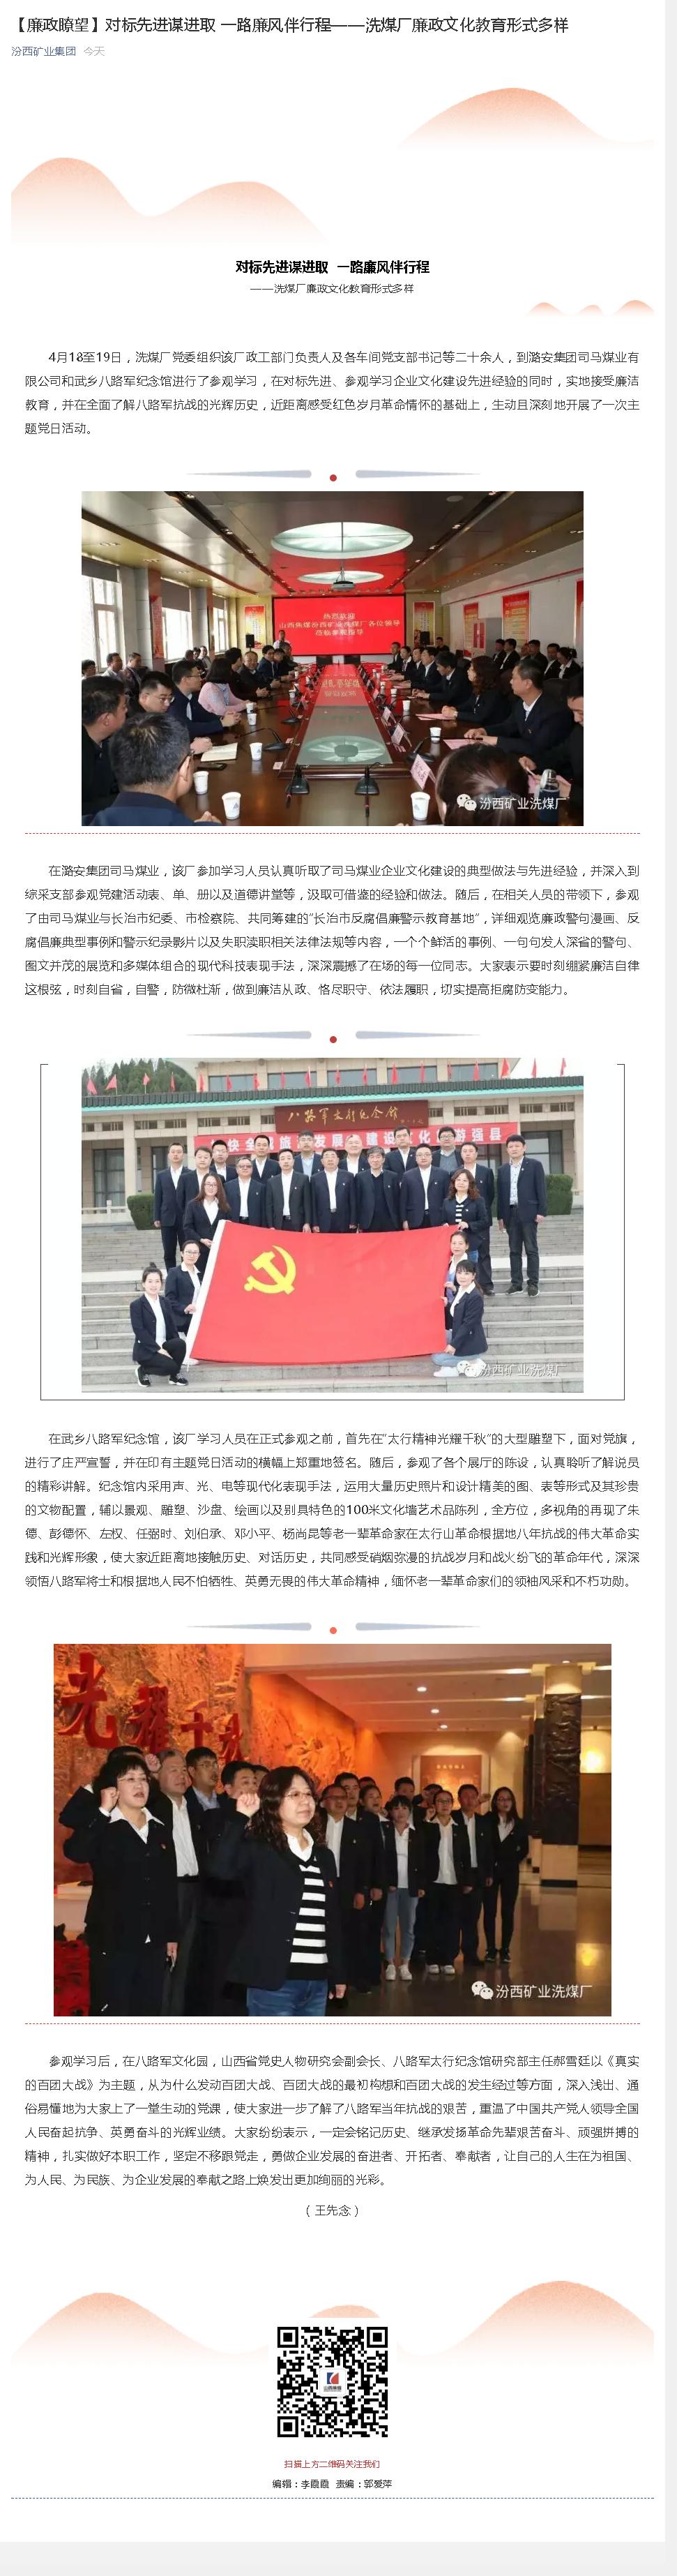 汾西矿业集团.png